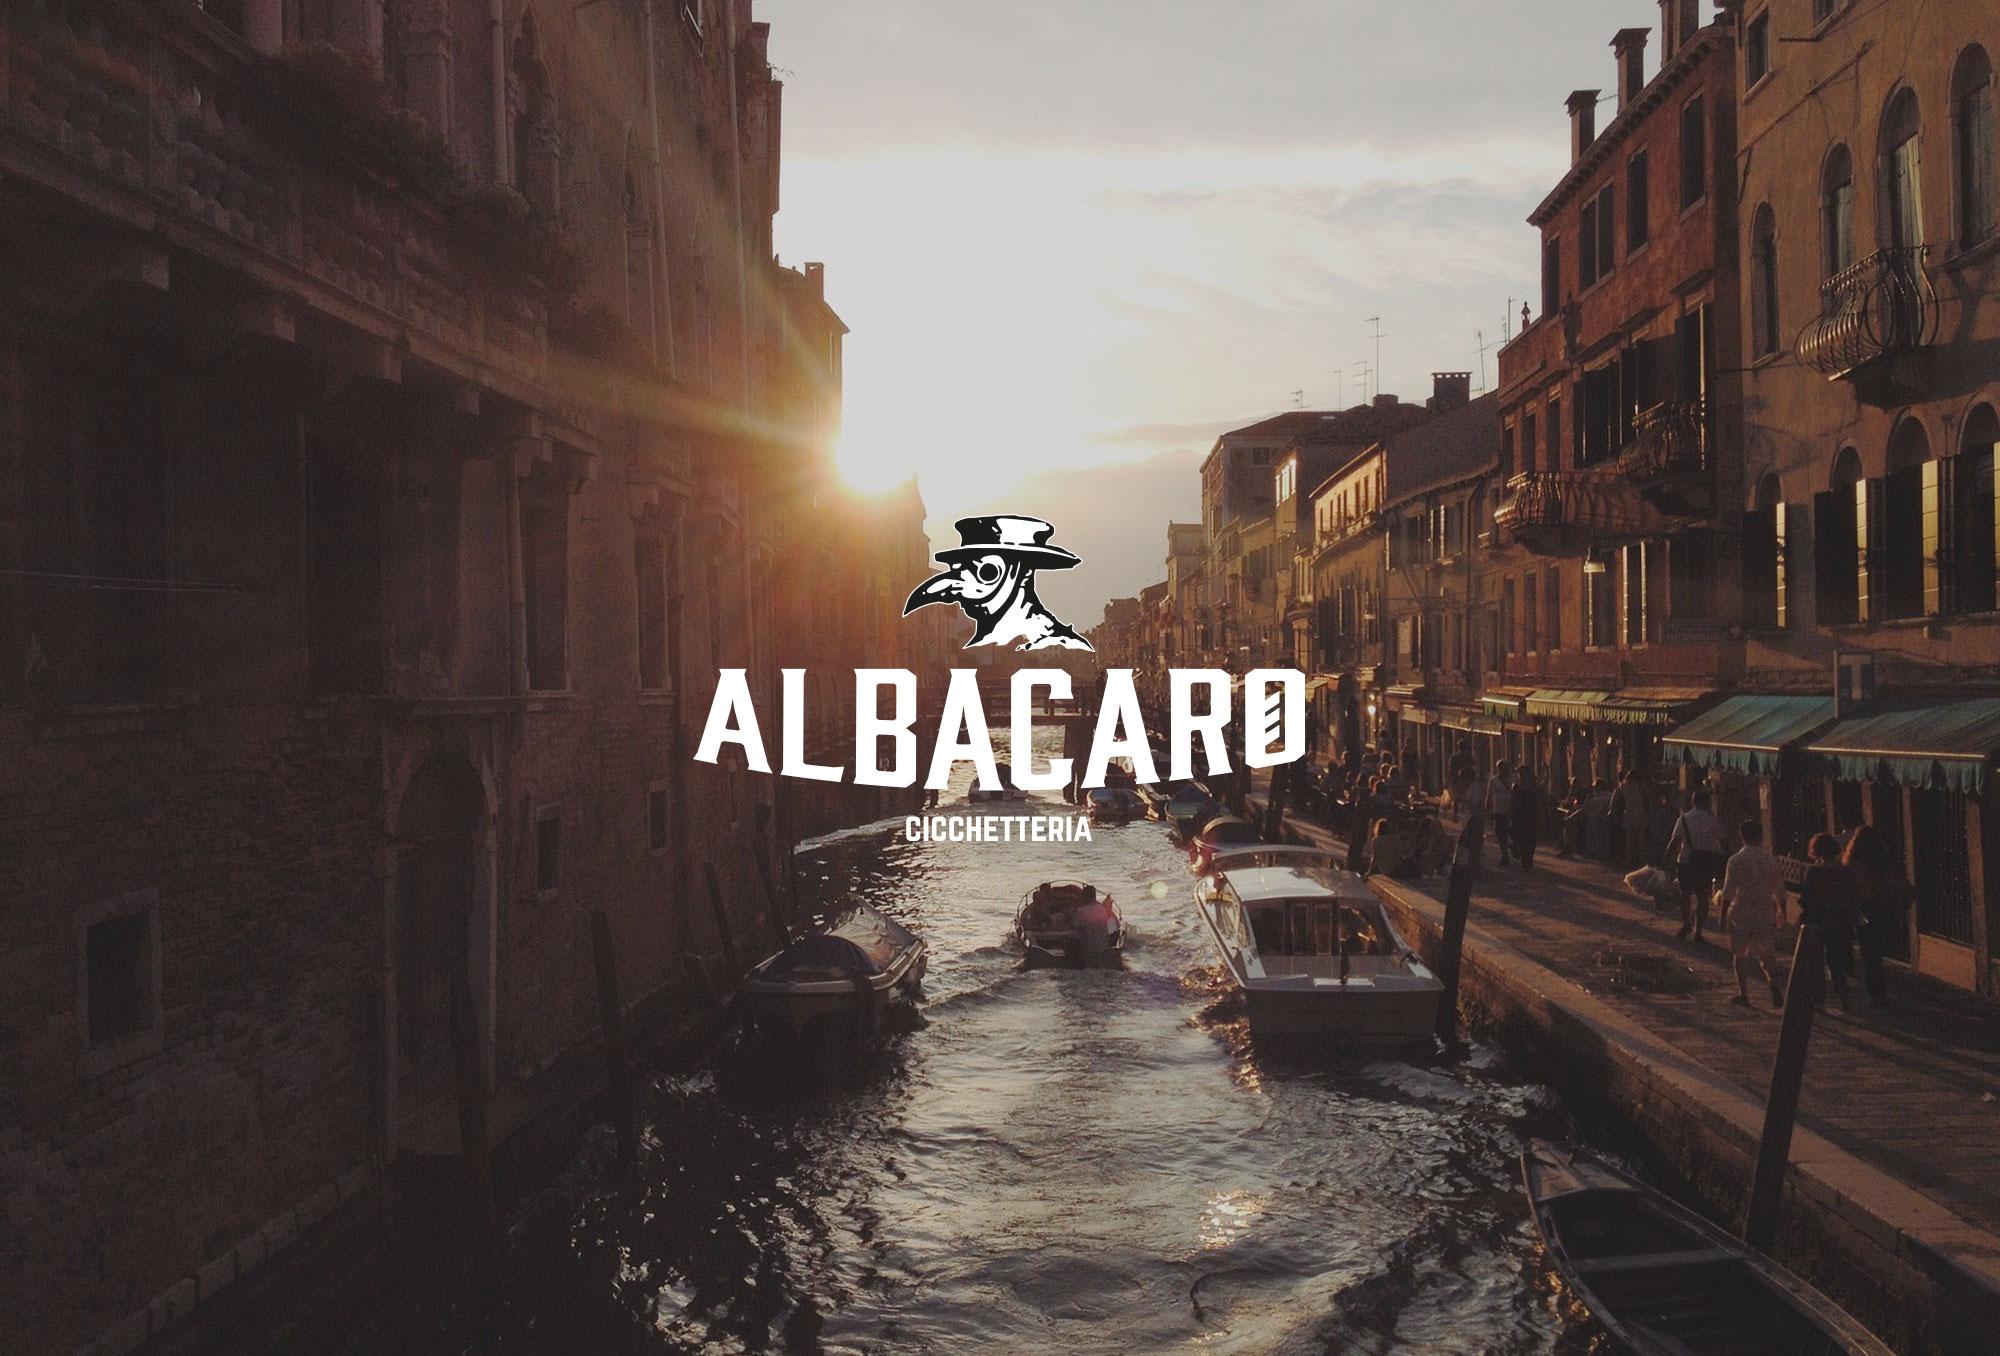 ALBACARO